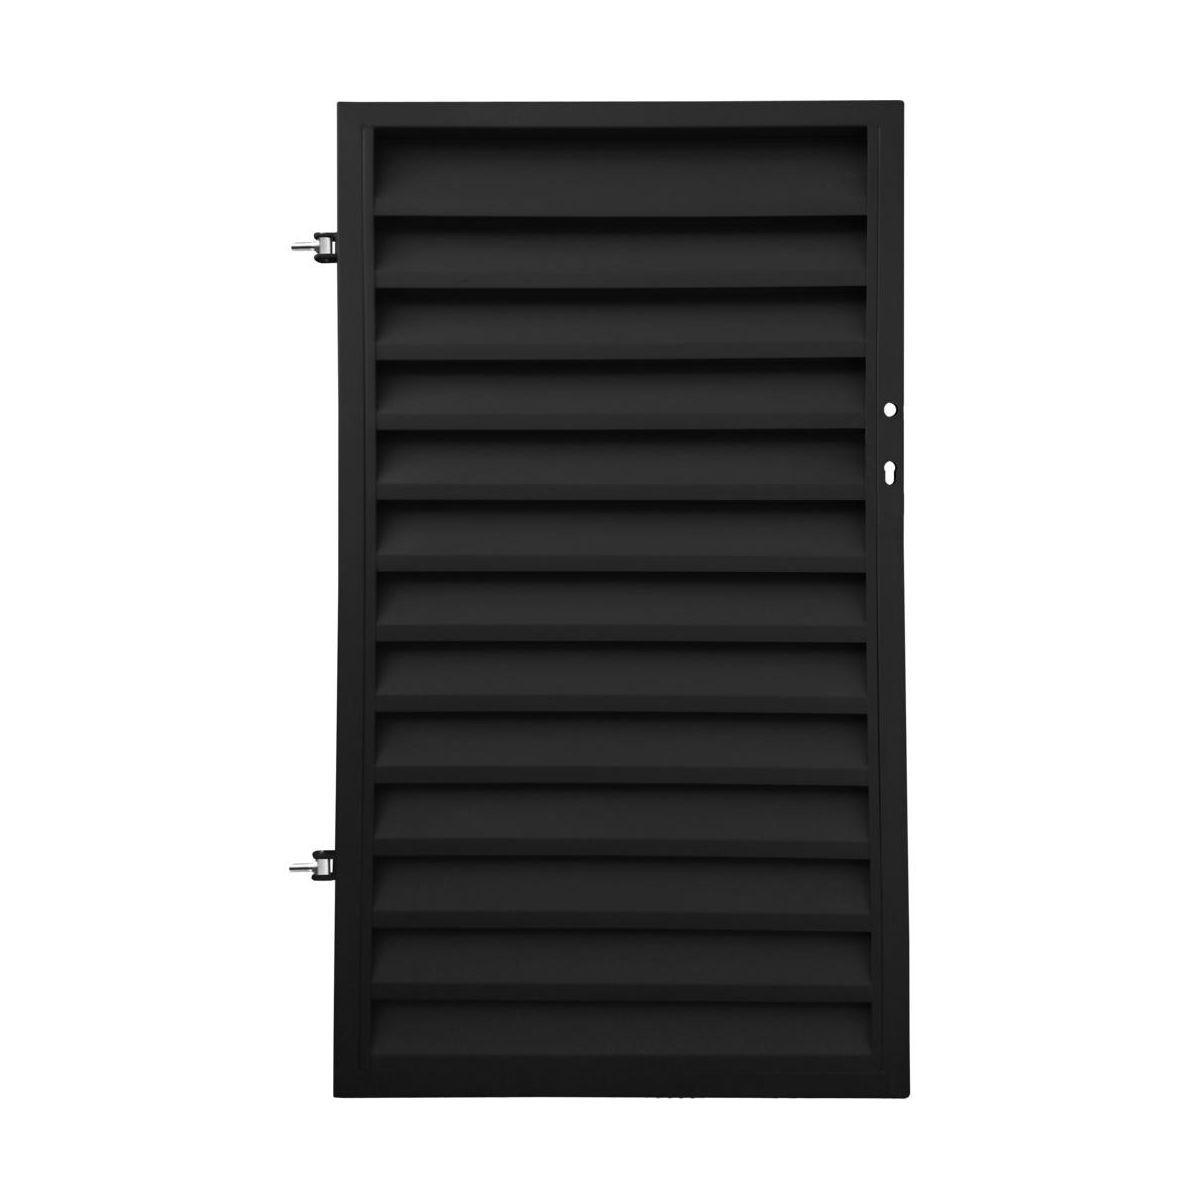 Furtka Ogrodzeniowa Kreta 90 Cm Lewa Polbram Czarna Furtki Ogrodzeniowe W Atrakcyjnej Cenie W Sklepach Leroy M Tall Cabinet Storage Storage Cabinet Storage